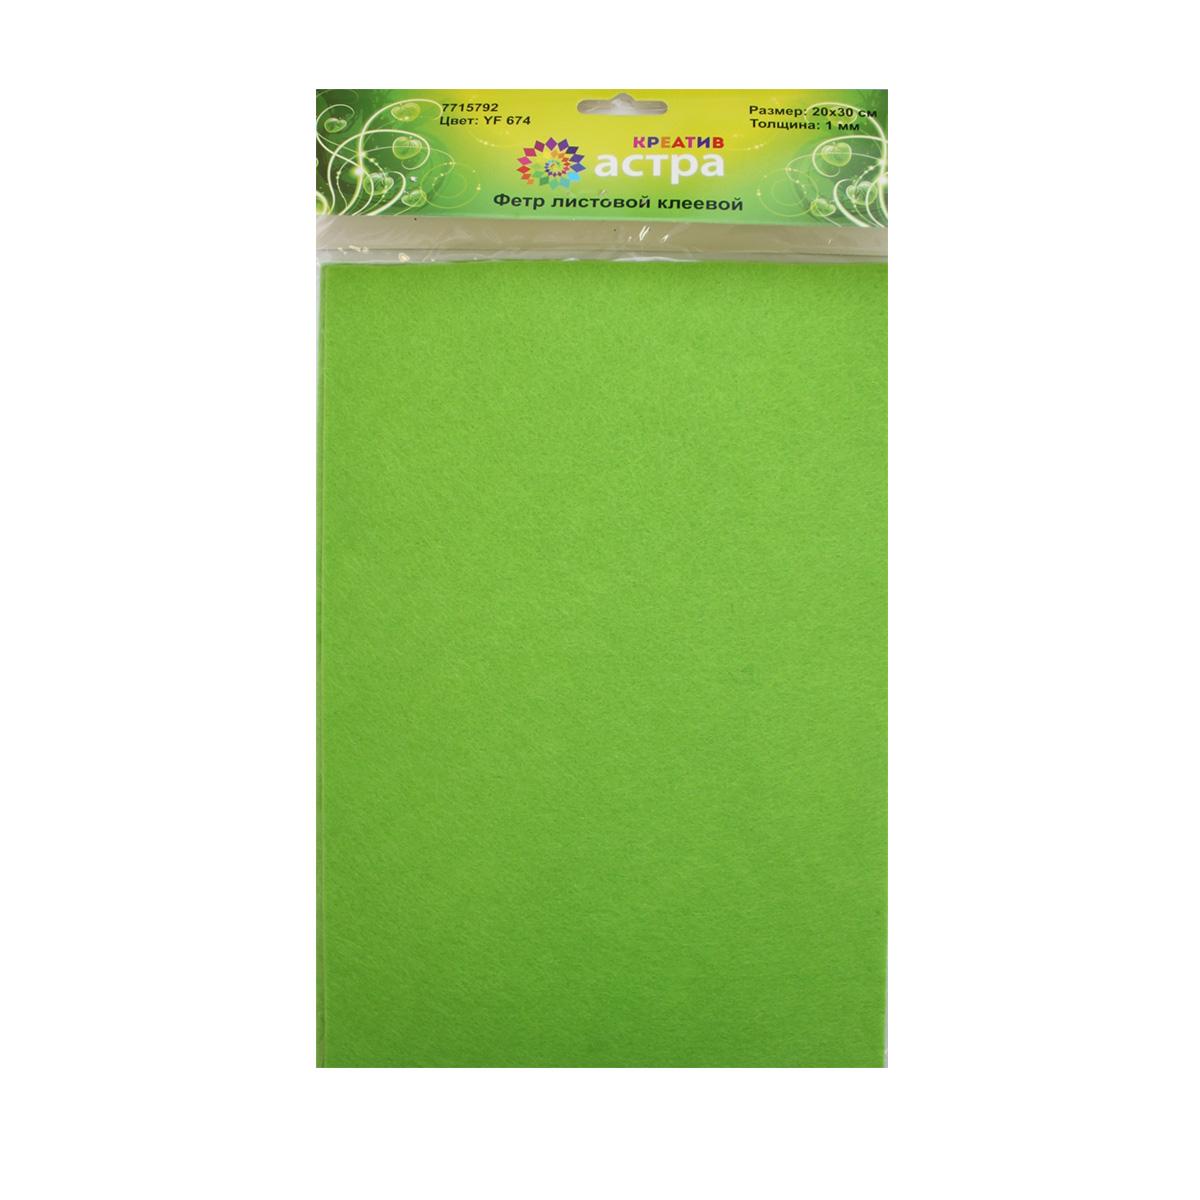 Фетр листовой клеевой Астра, цвет: салатовый, 20 х 30 см, 3 шт7715792_YF 674 салатовый